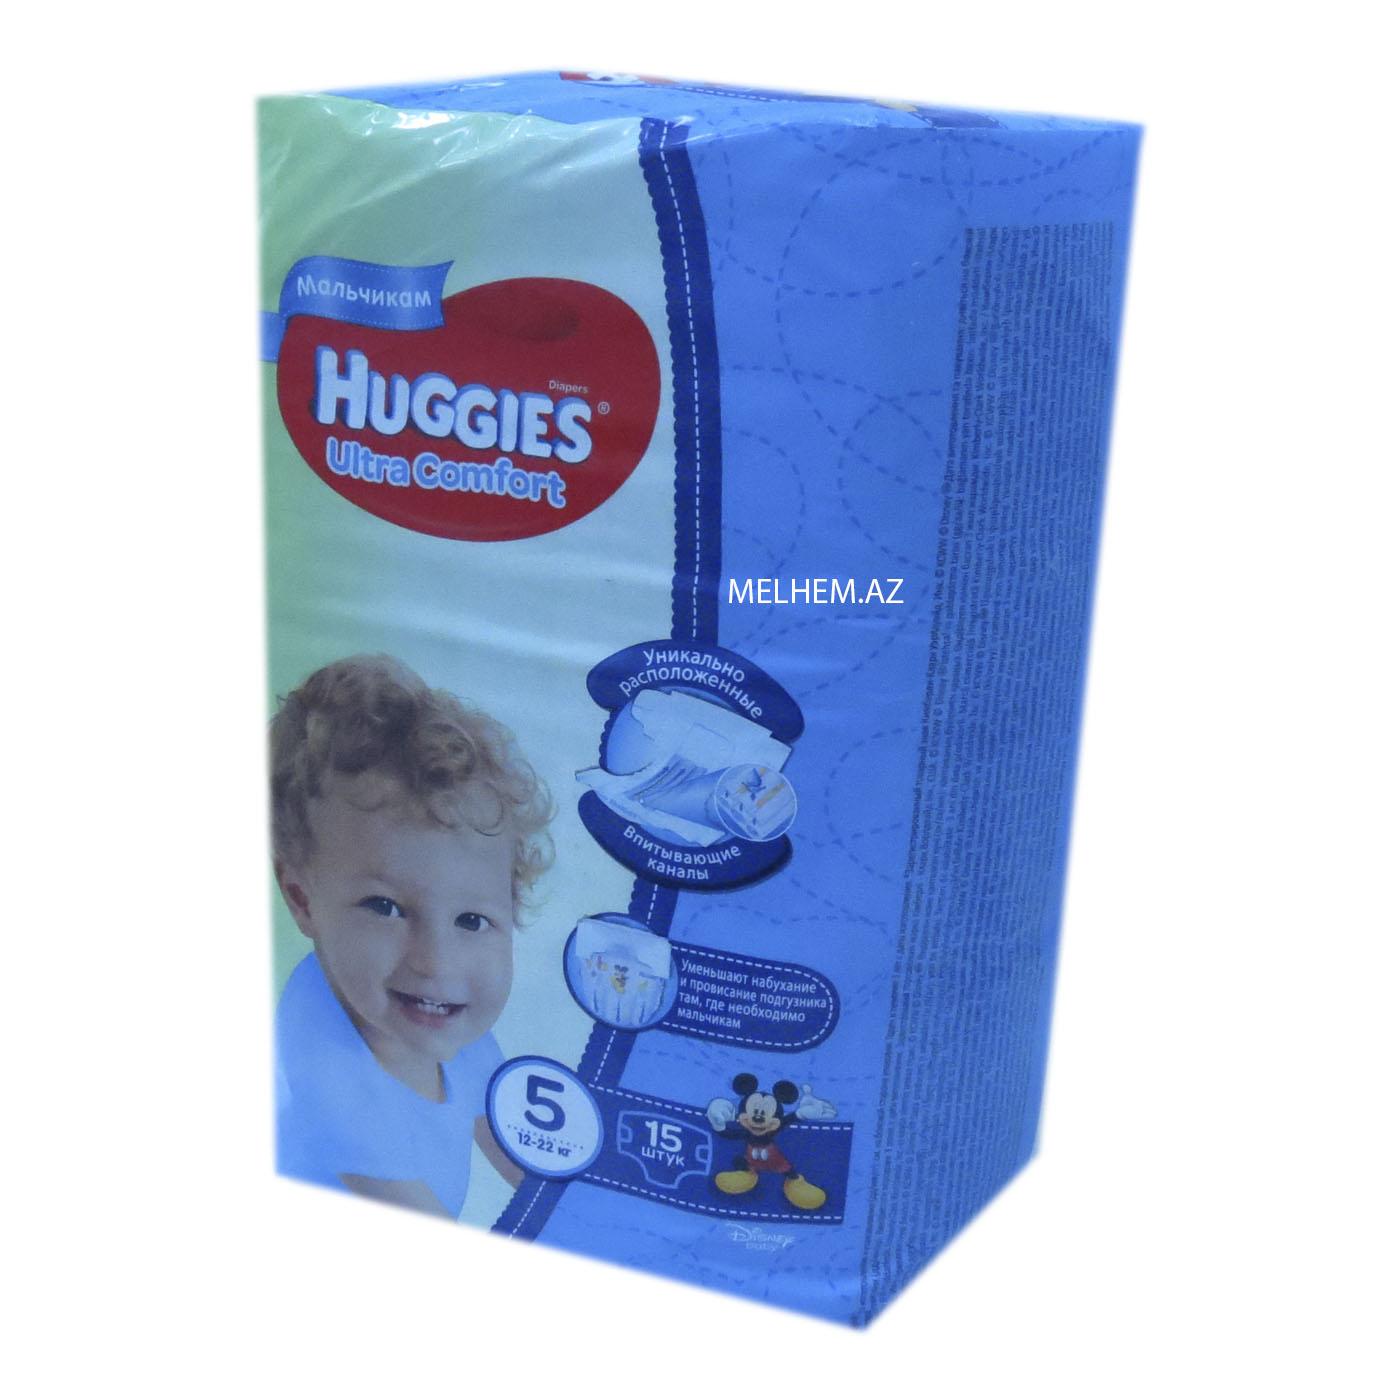 HUGGIES N5 ( OĞLAN ÜÇÜN )